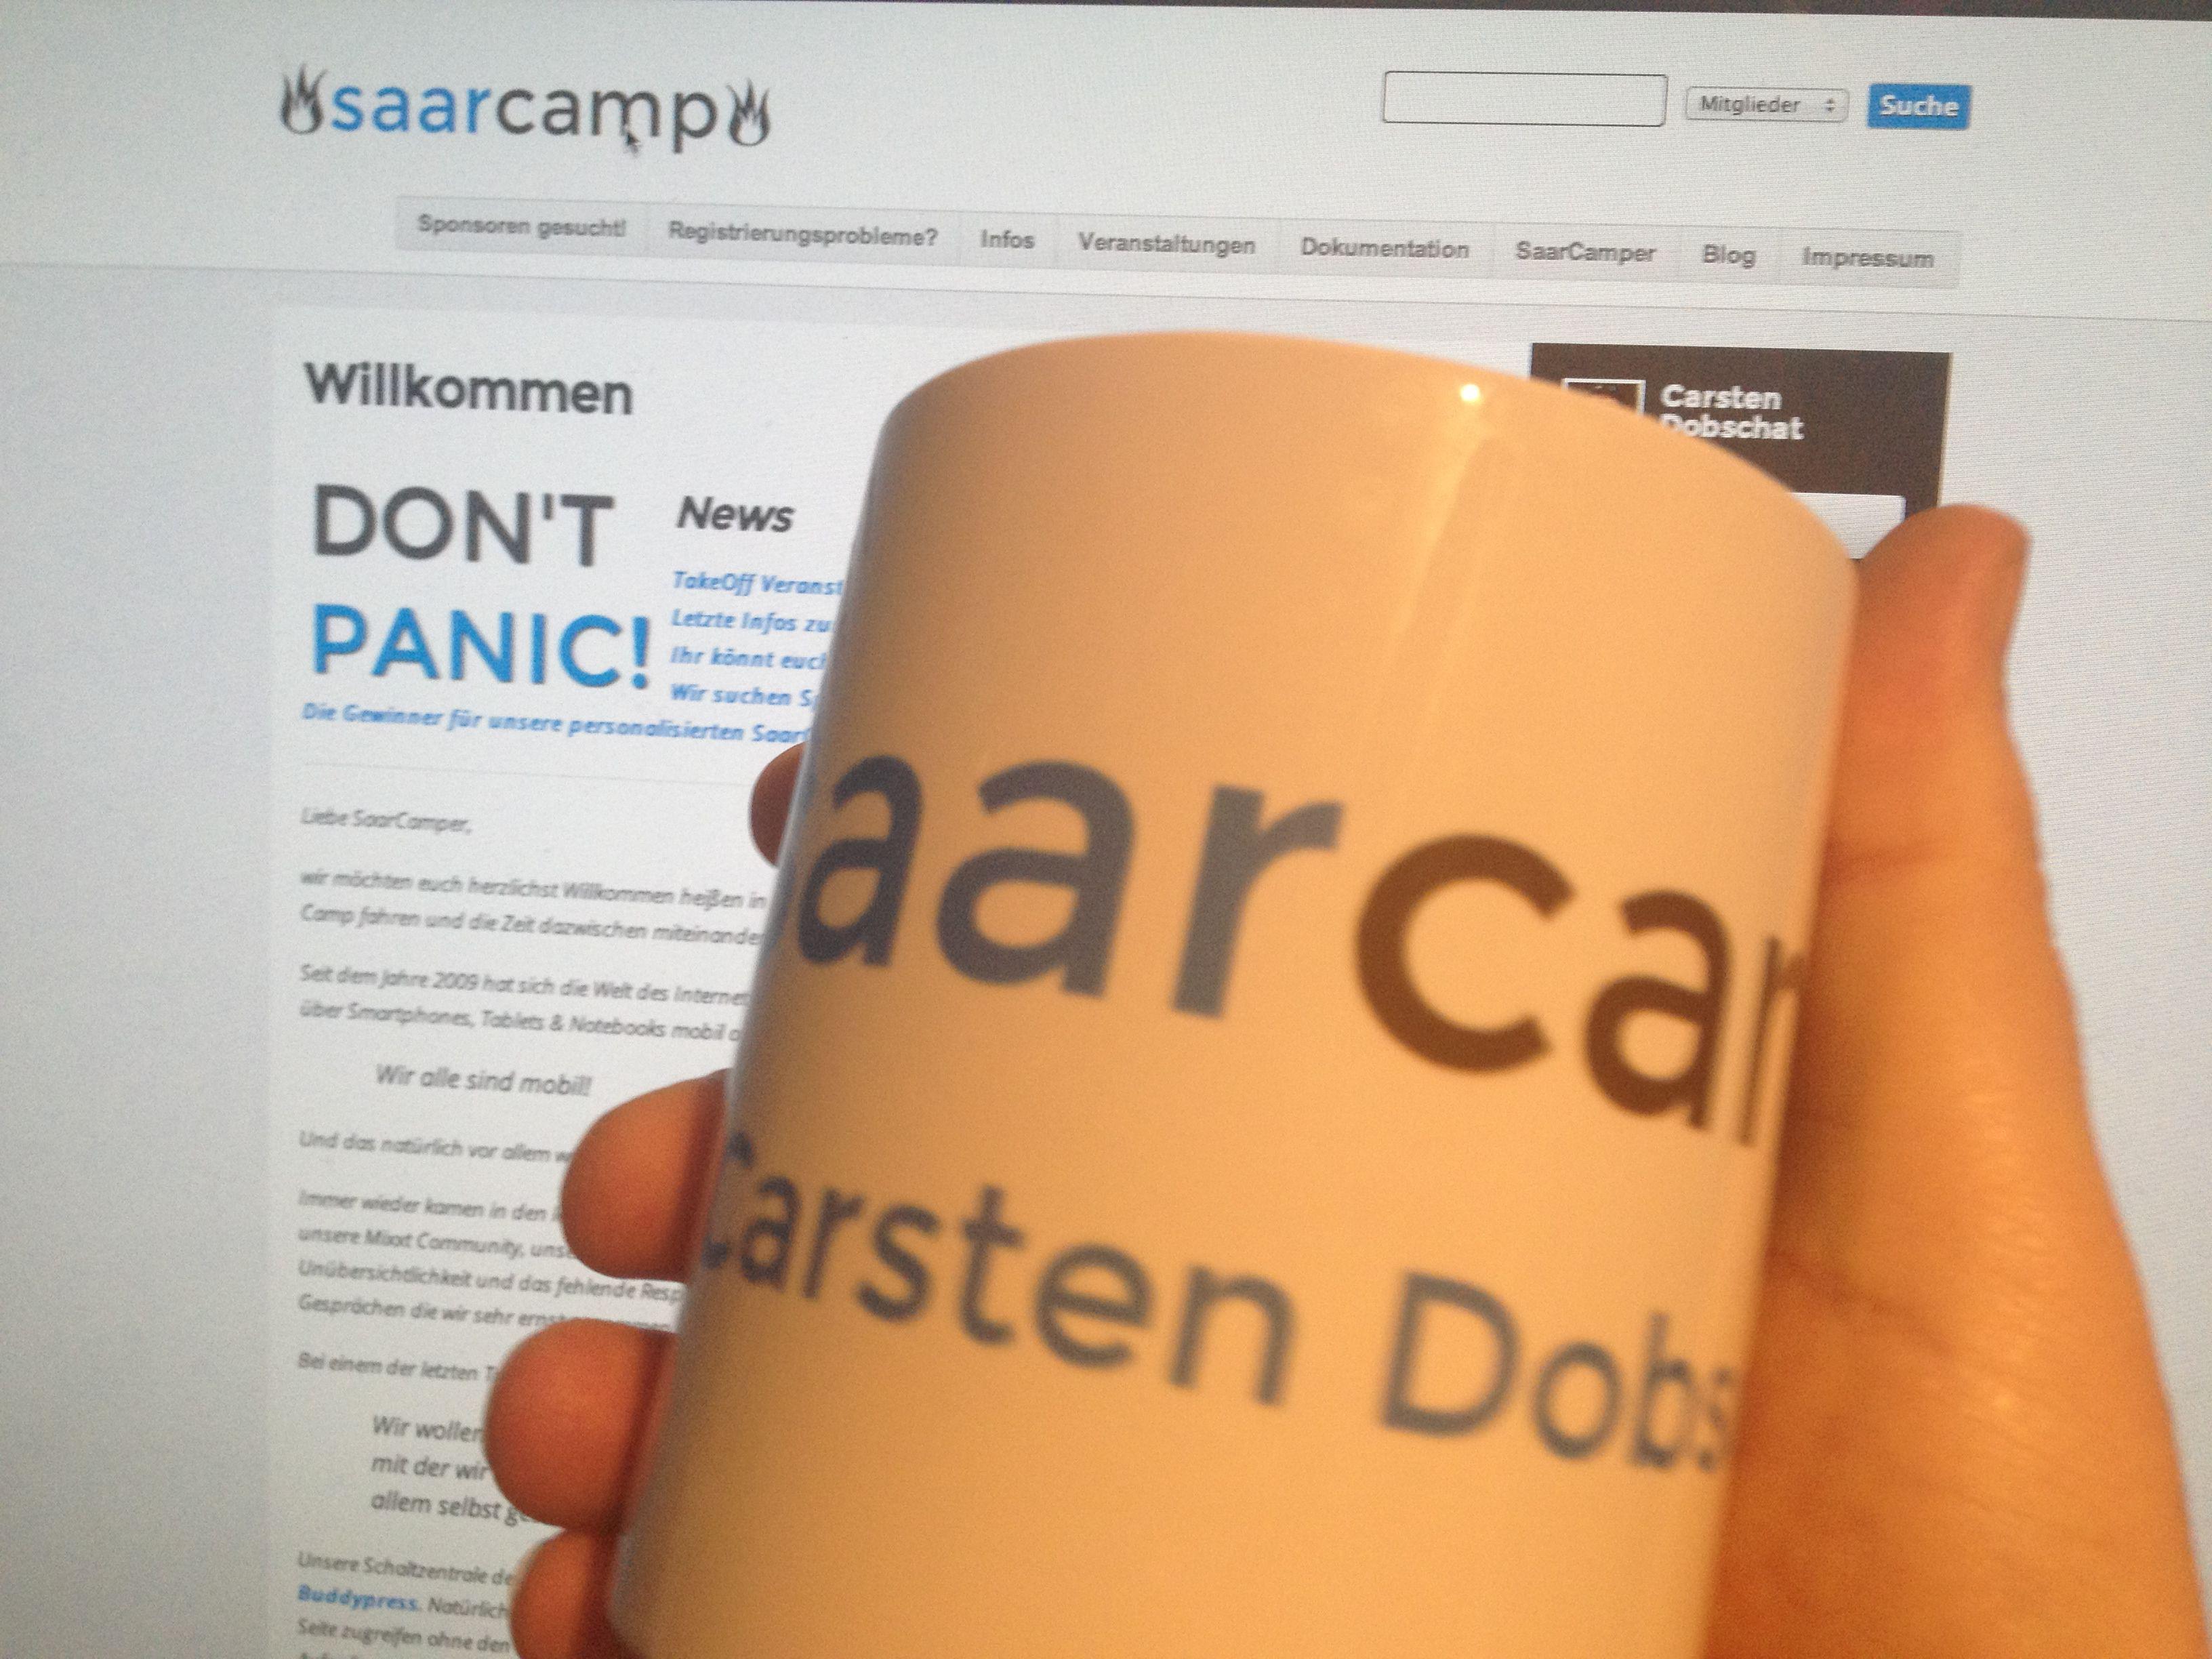 SaarCamp